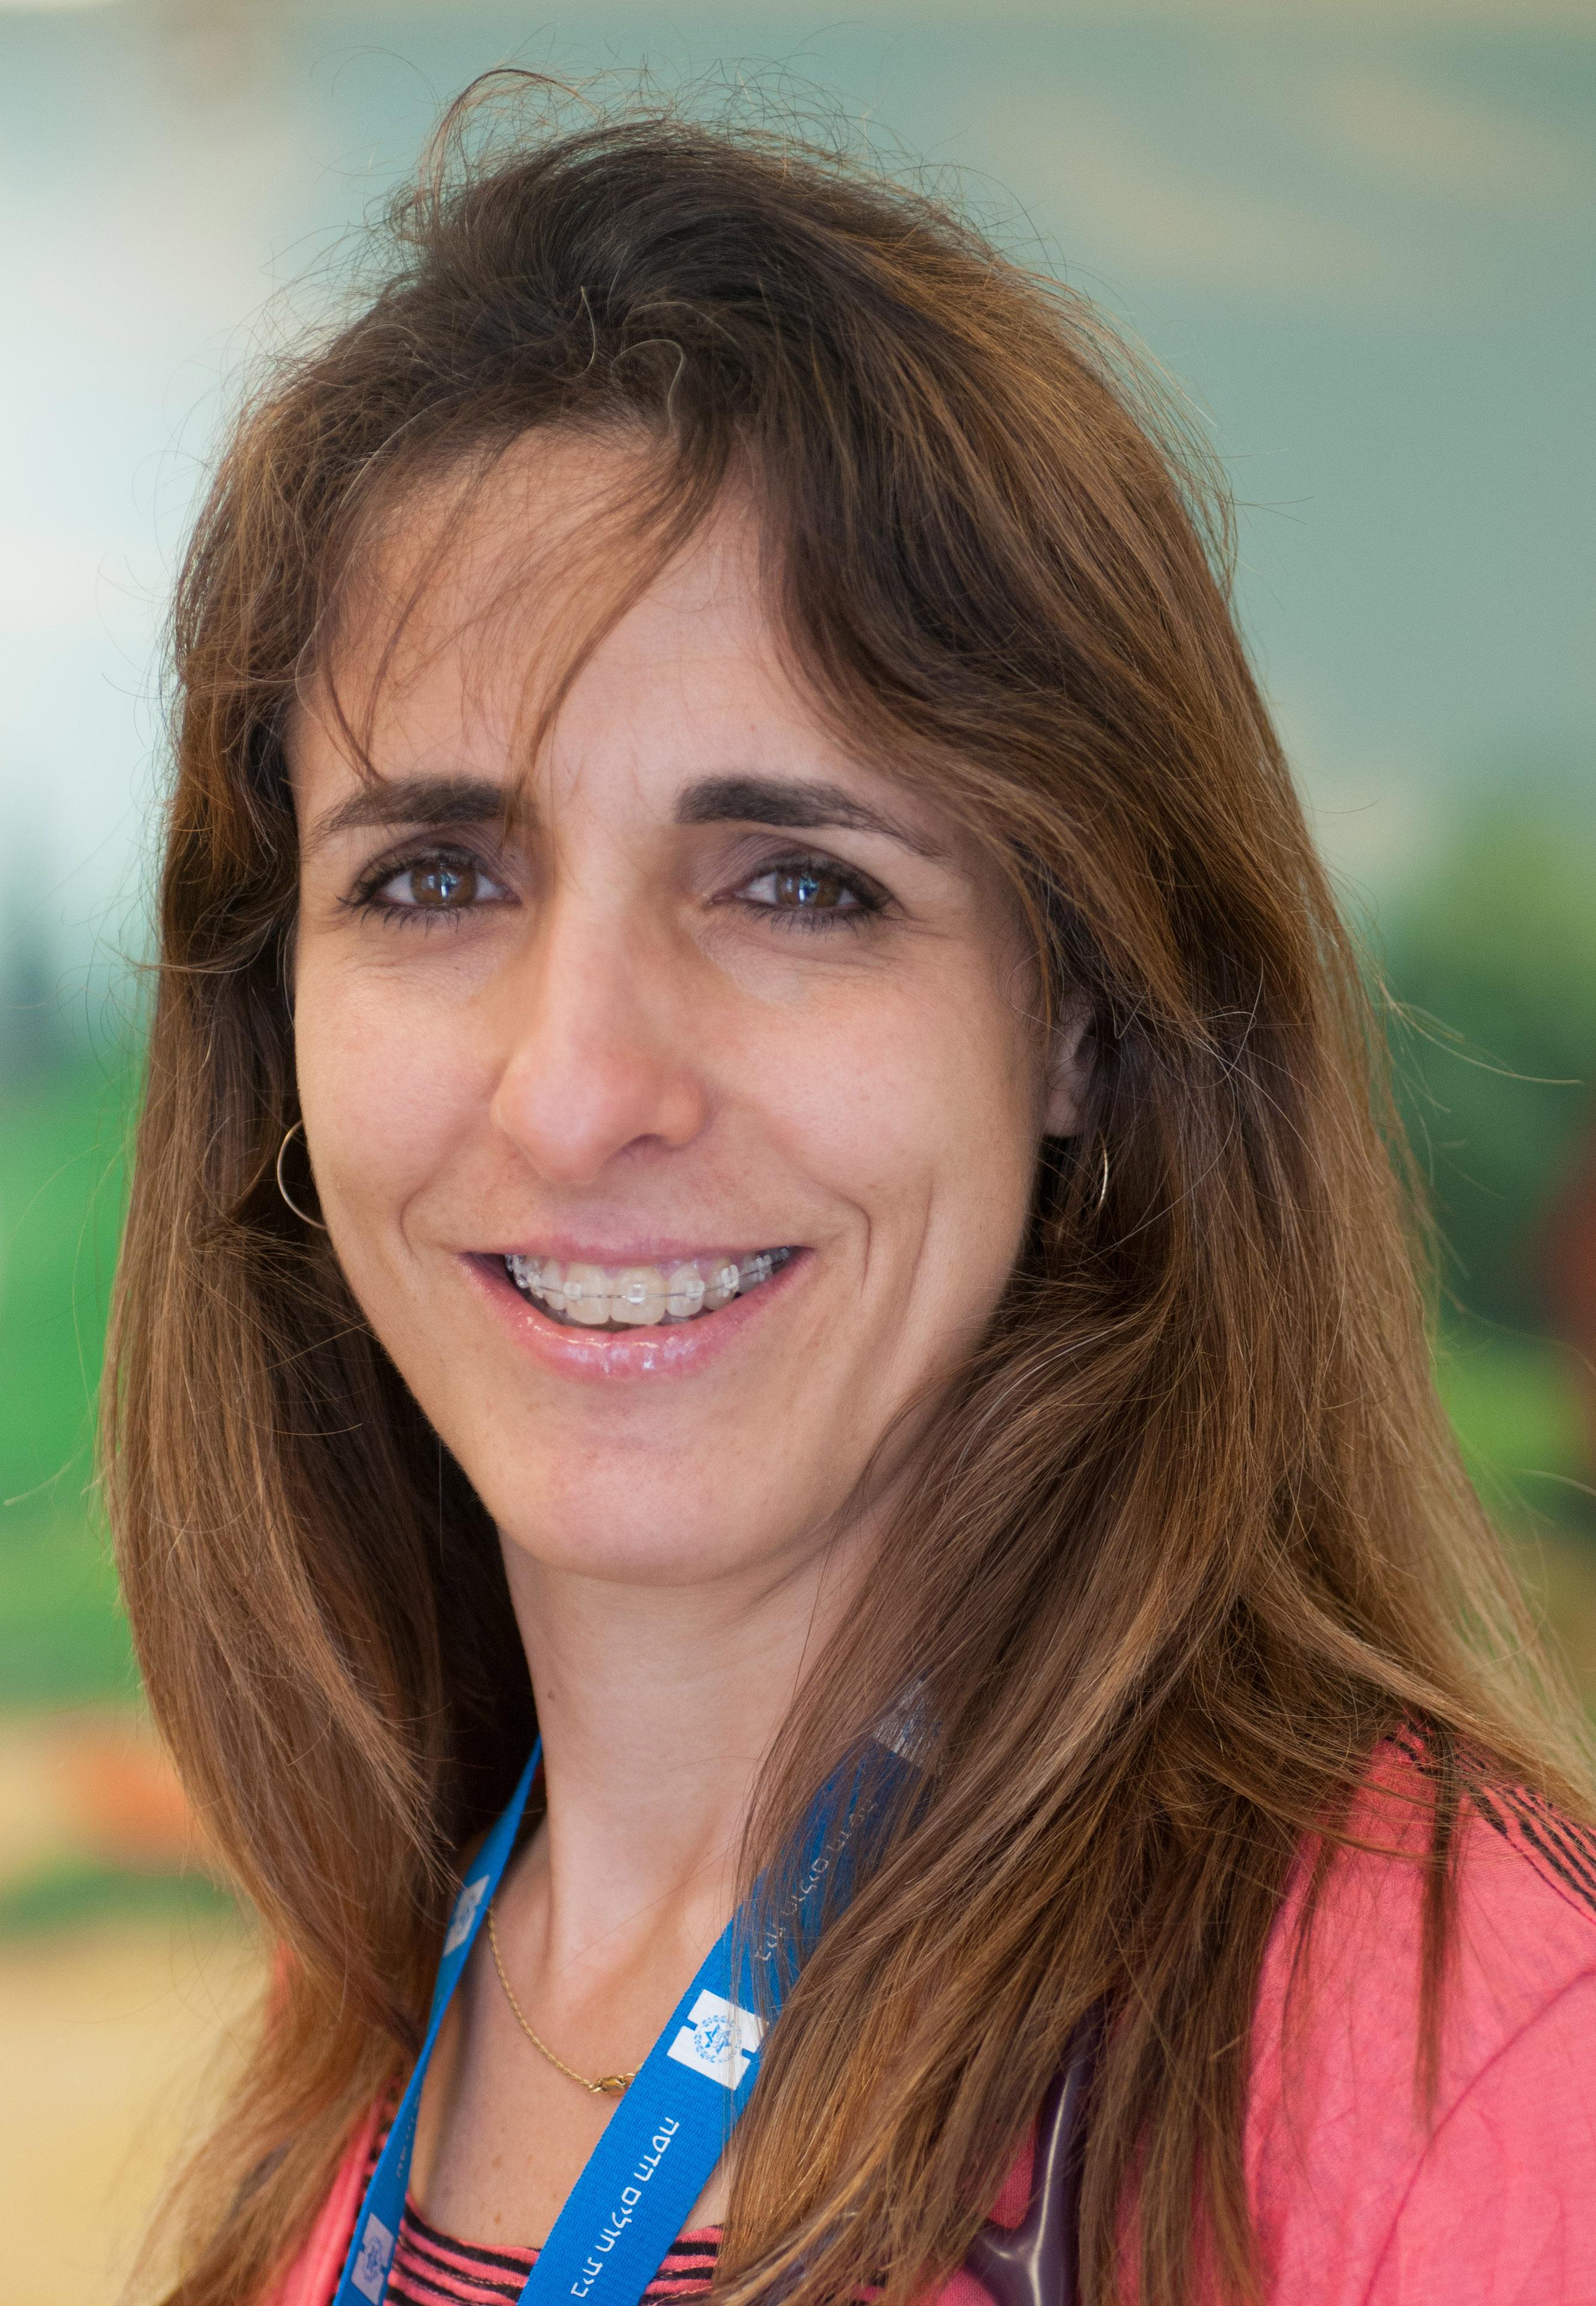 דוקטור מאלנה כהן-סימברקנו - תמונת פרופיל